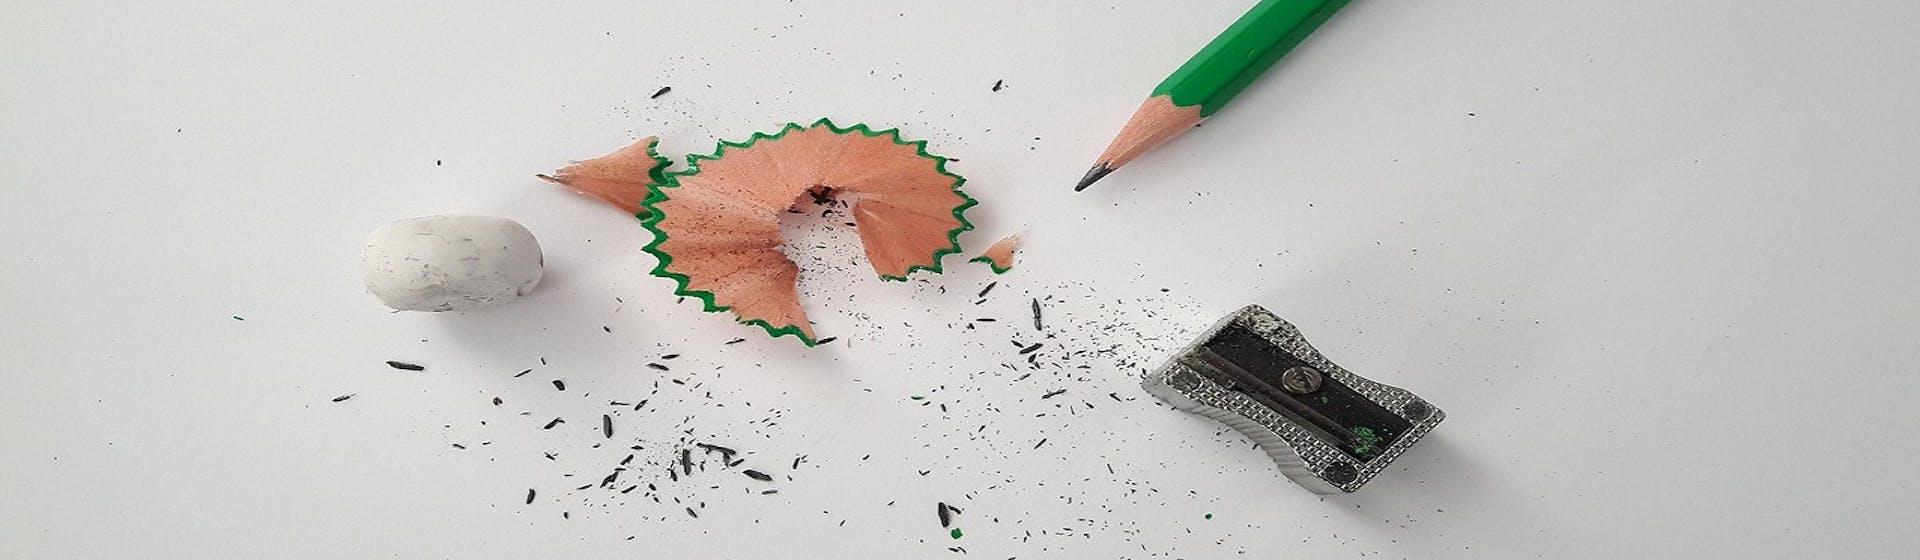 ¿Cómo dibujar una esfera?: Pasa de principiante a experto con estos tips